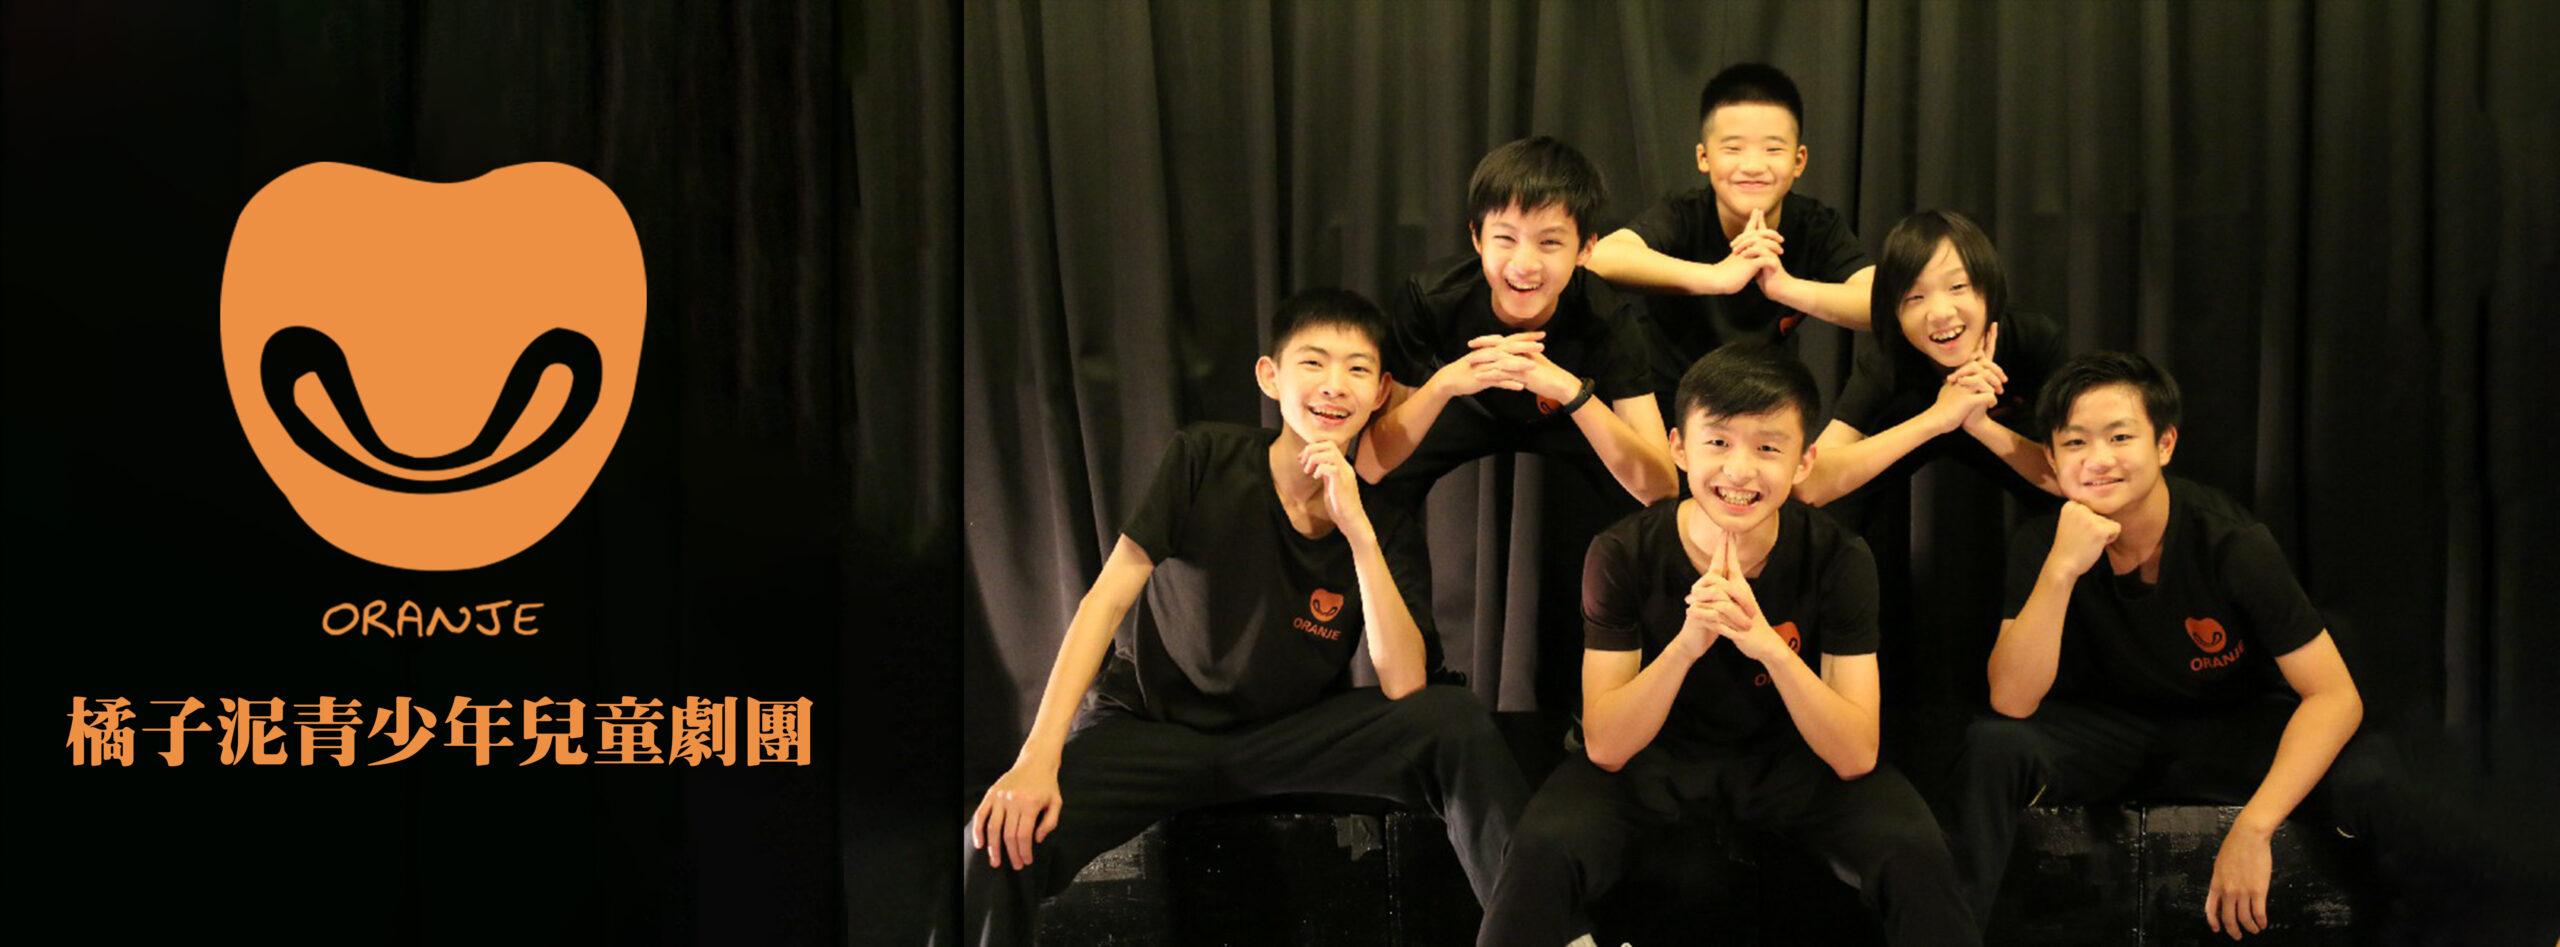 認識橘子泥青少年兒童劇團